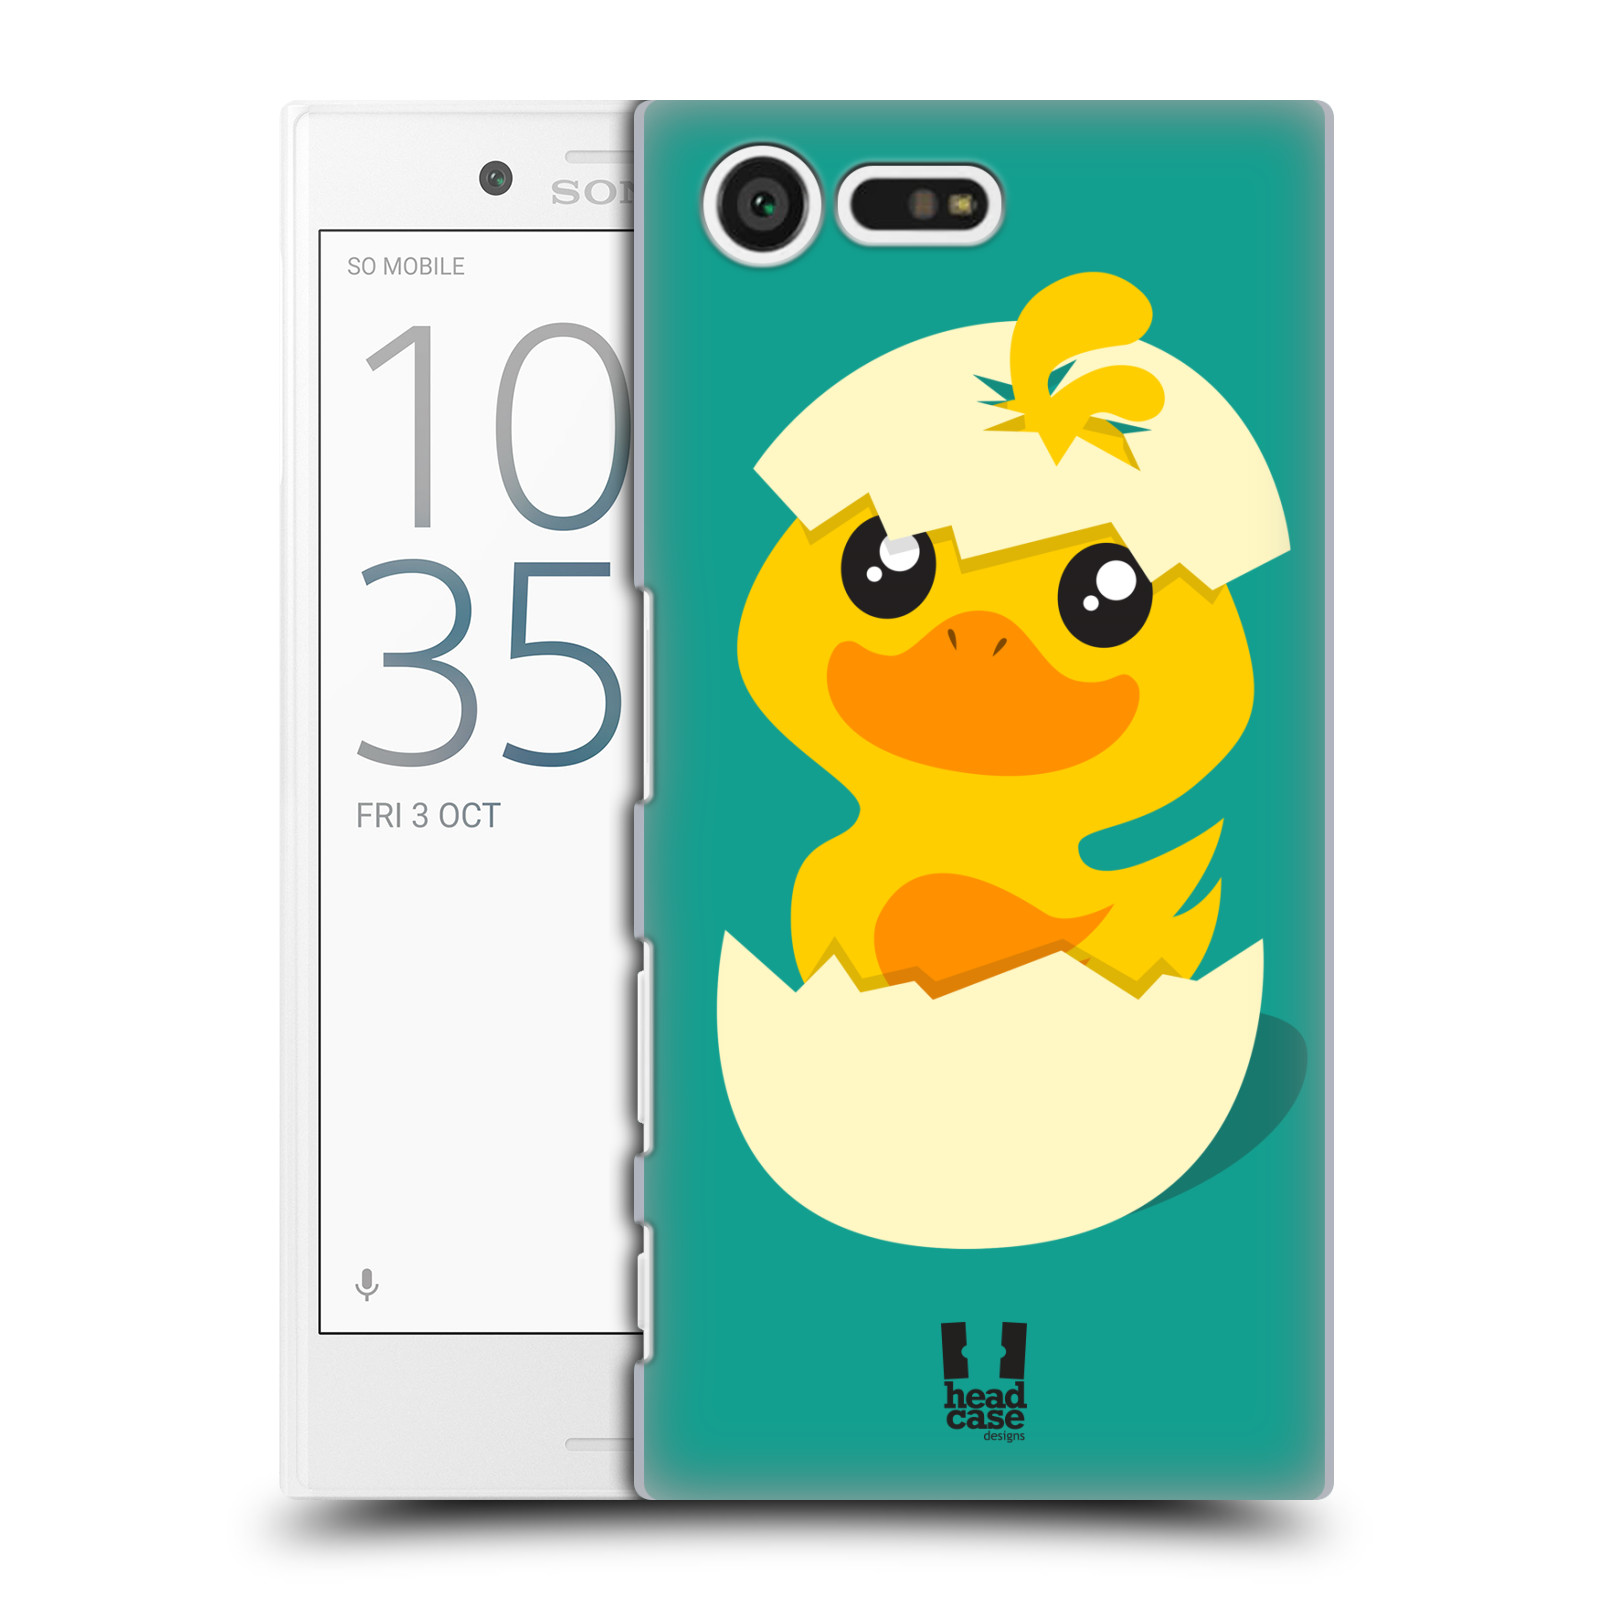 Plastové pouzdro na mobil Sony Xperia X Compact HEAD CASE KACHNIČKA Z VAJÍČKA (Plastový kryt či obal na mobilní telefon Sony Xperia X Compact F5321)